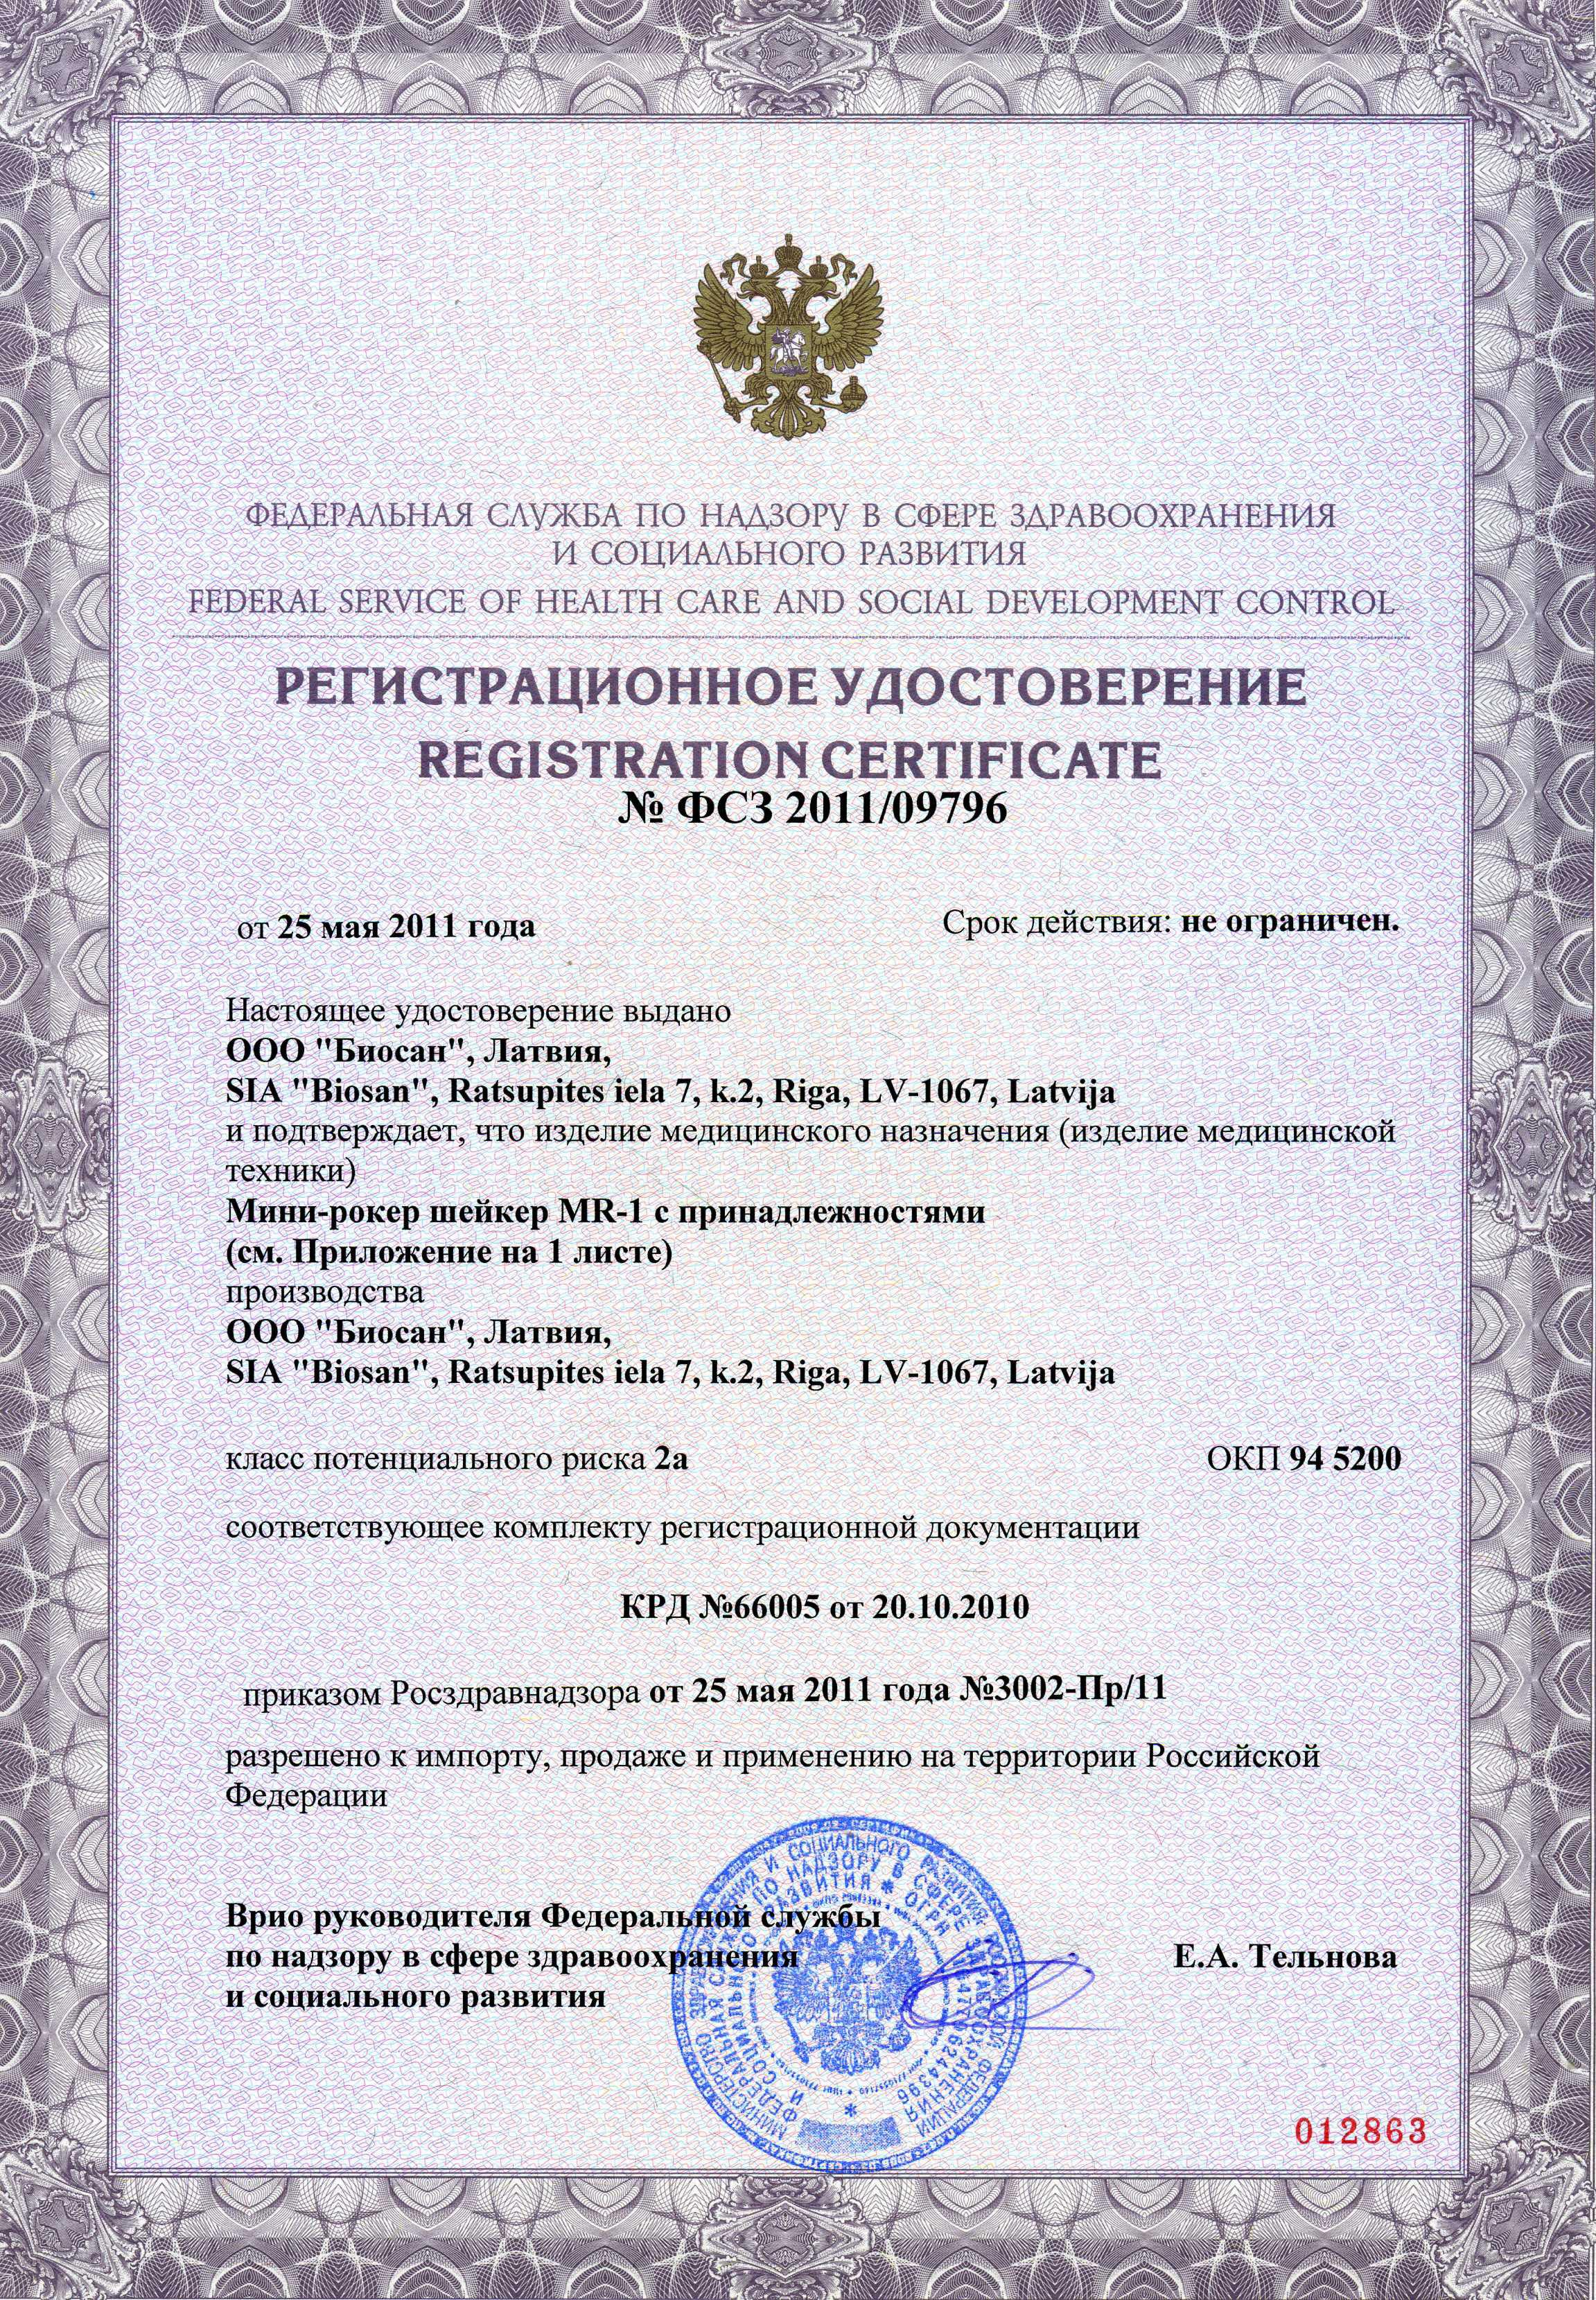 mr1-ru